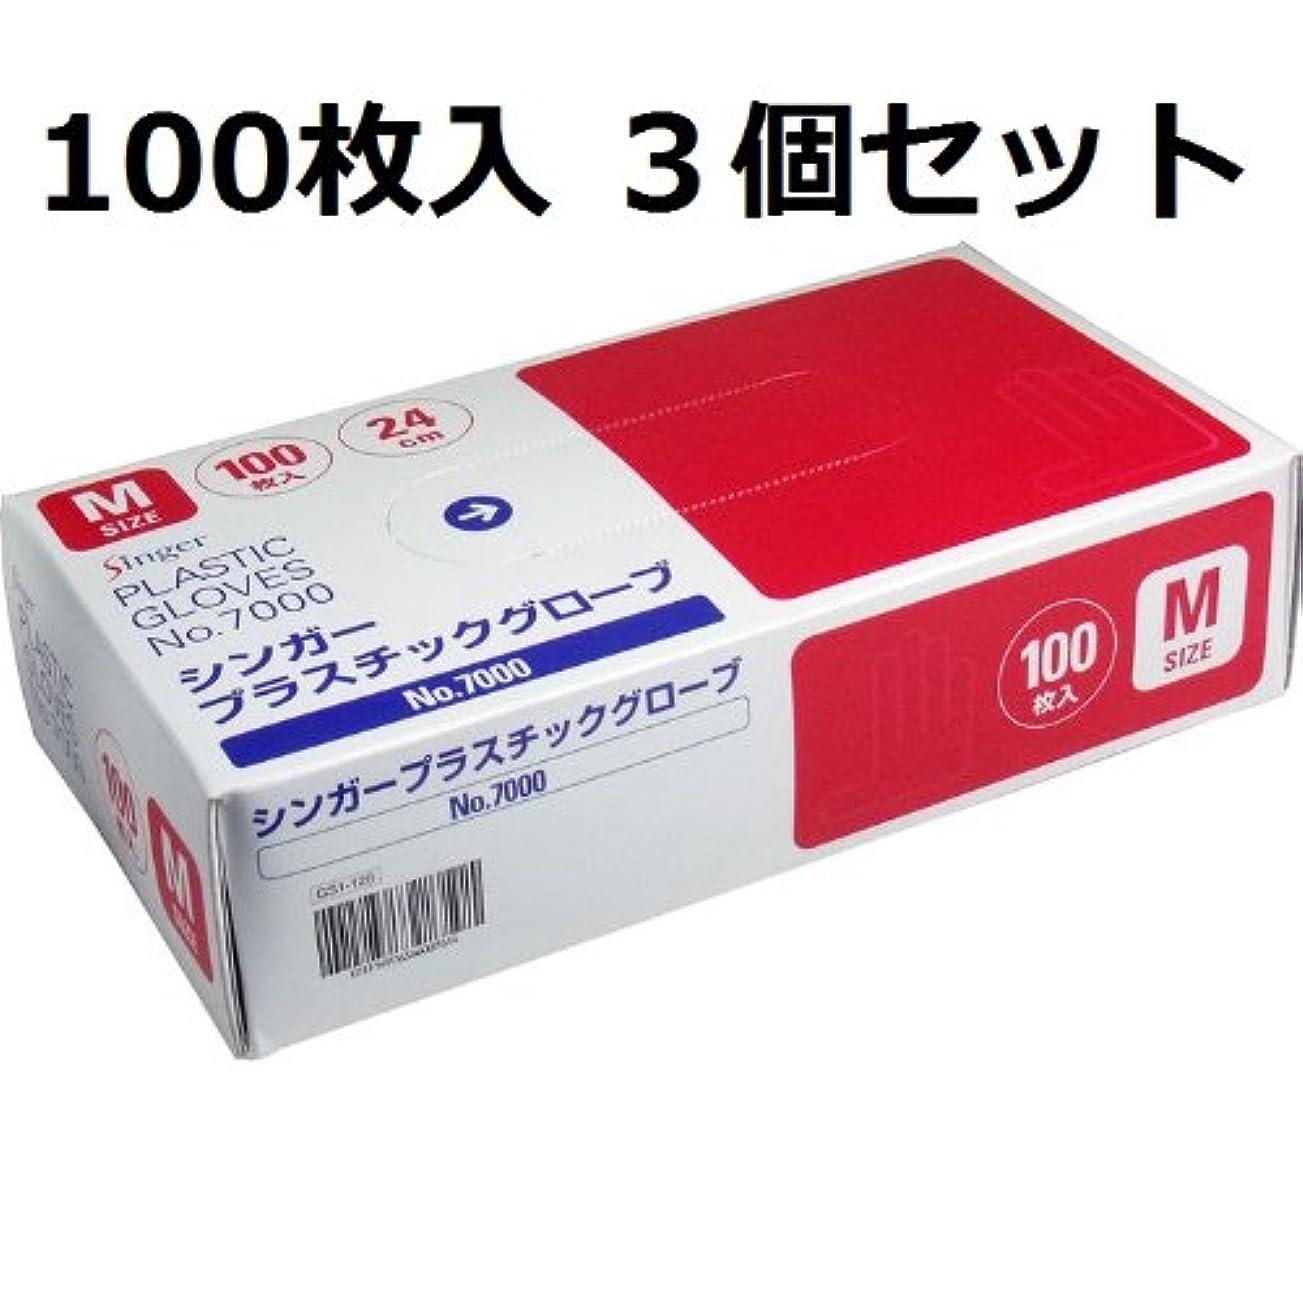 圧倒する回復するにんじん便利な左右兼用タイプ シンガープラスチックグローブ No.7000 Mサイズ 100枚入  3個セット